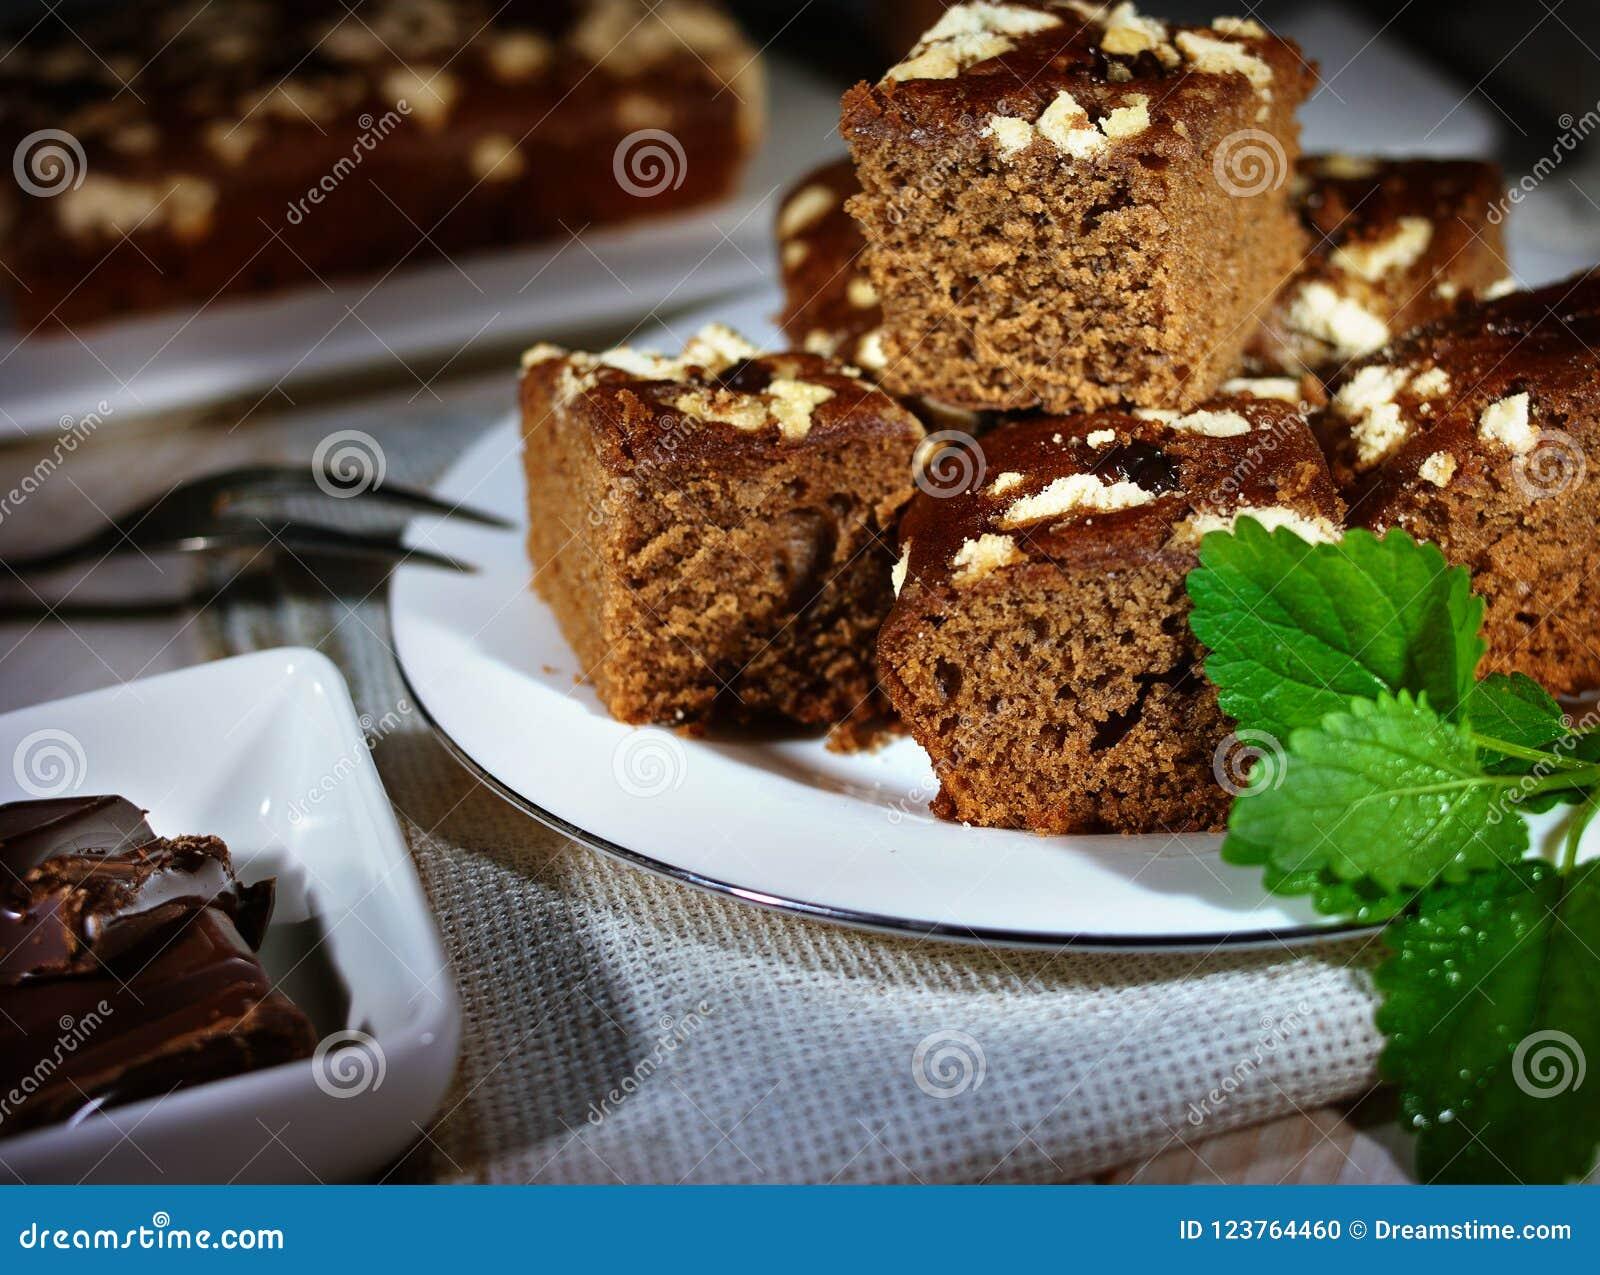 Torta di Monaco di Baviera, foglie di menta fresca, pezzi di cioccolato, tovagliolo di tela, tavola di legno